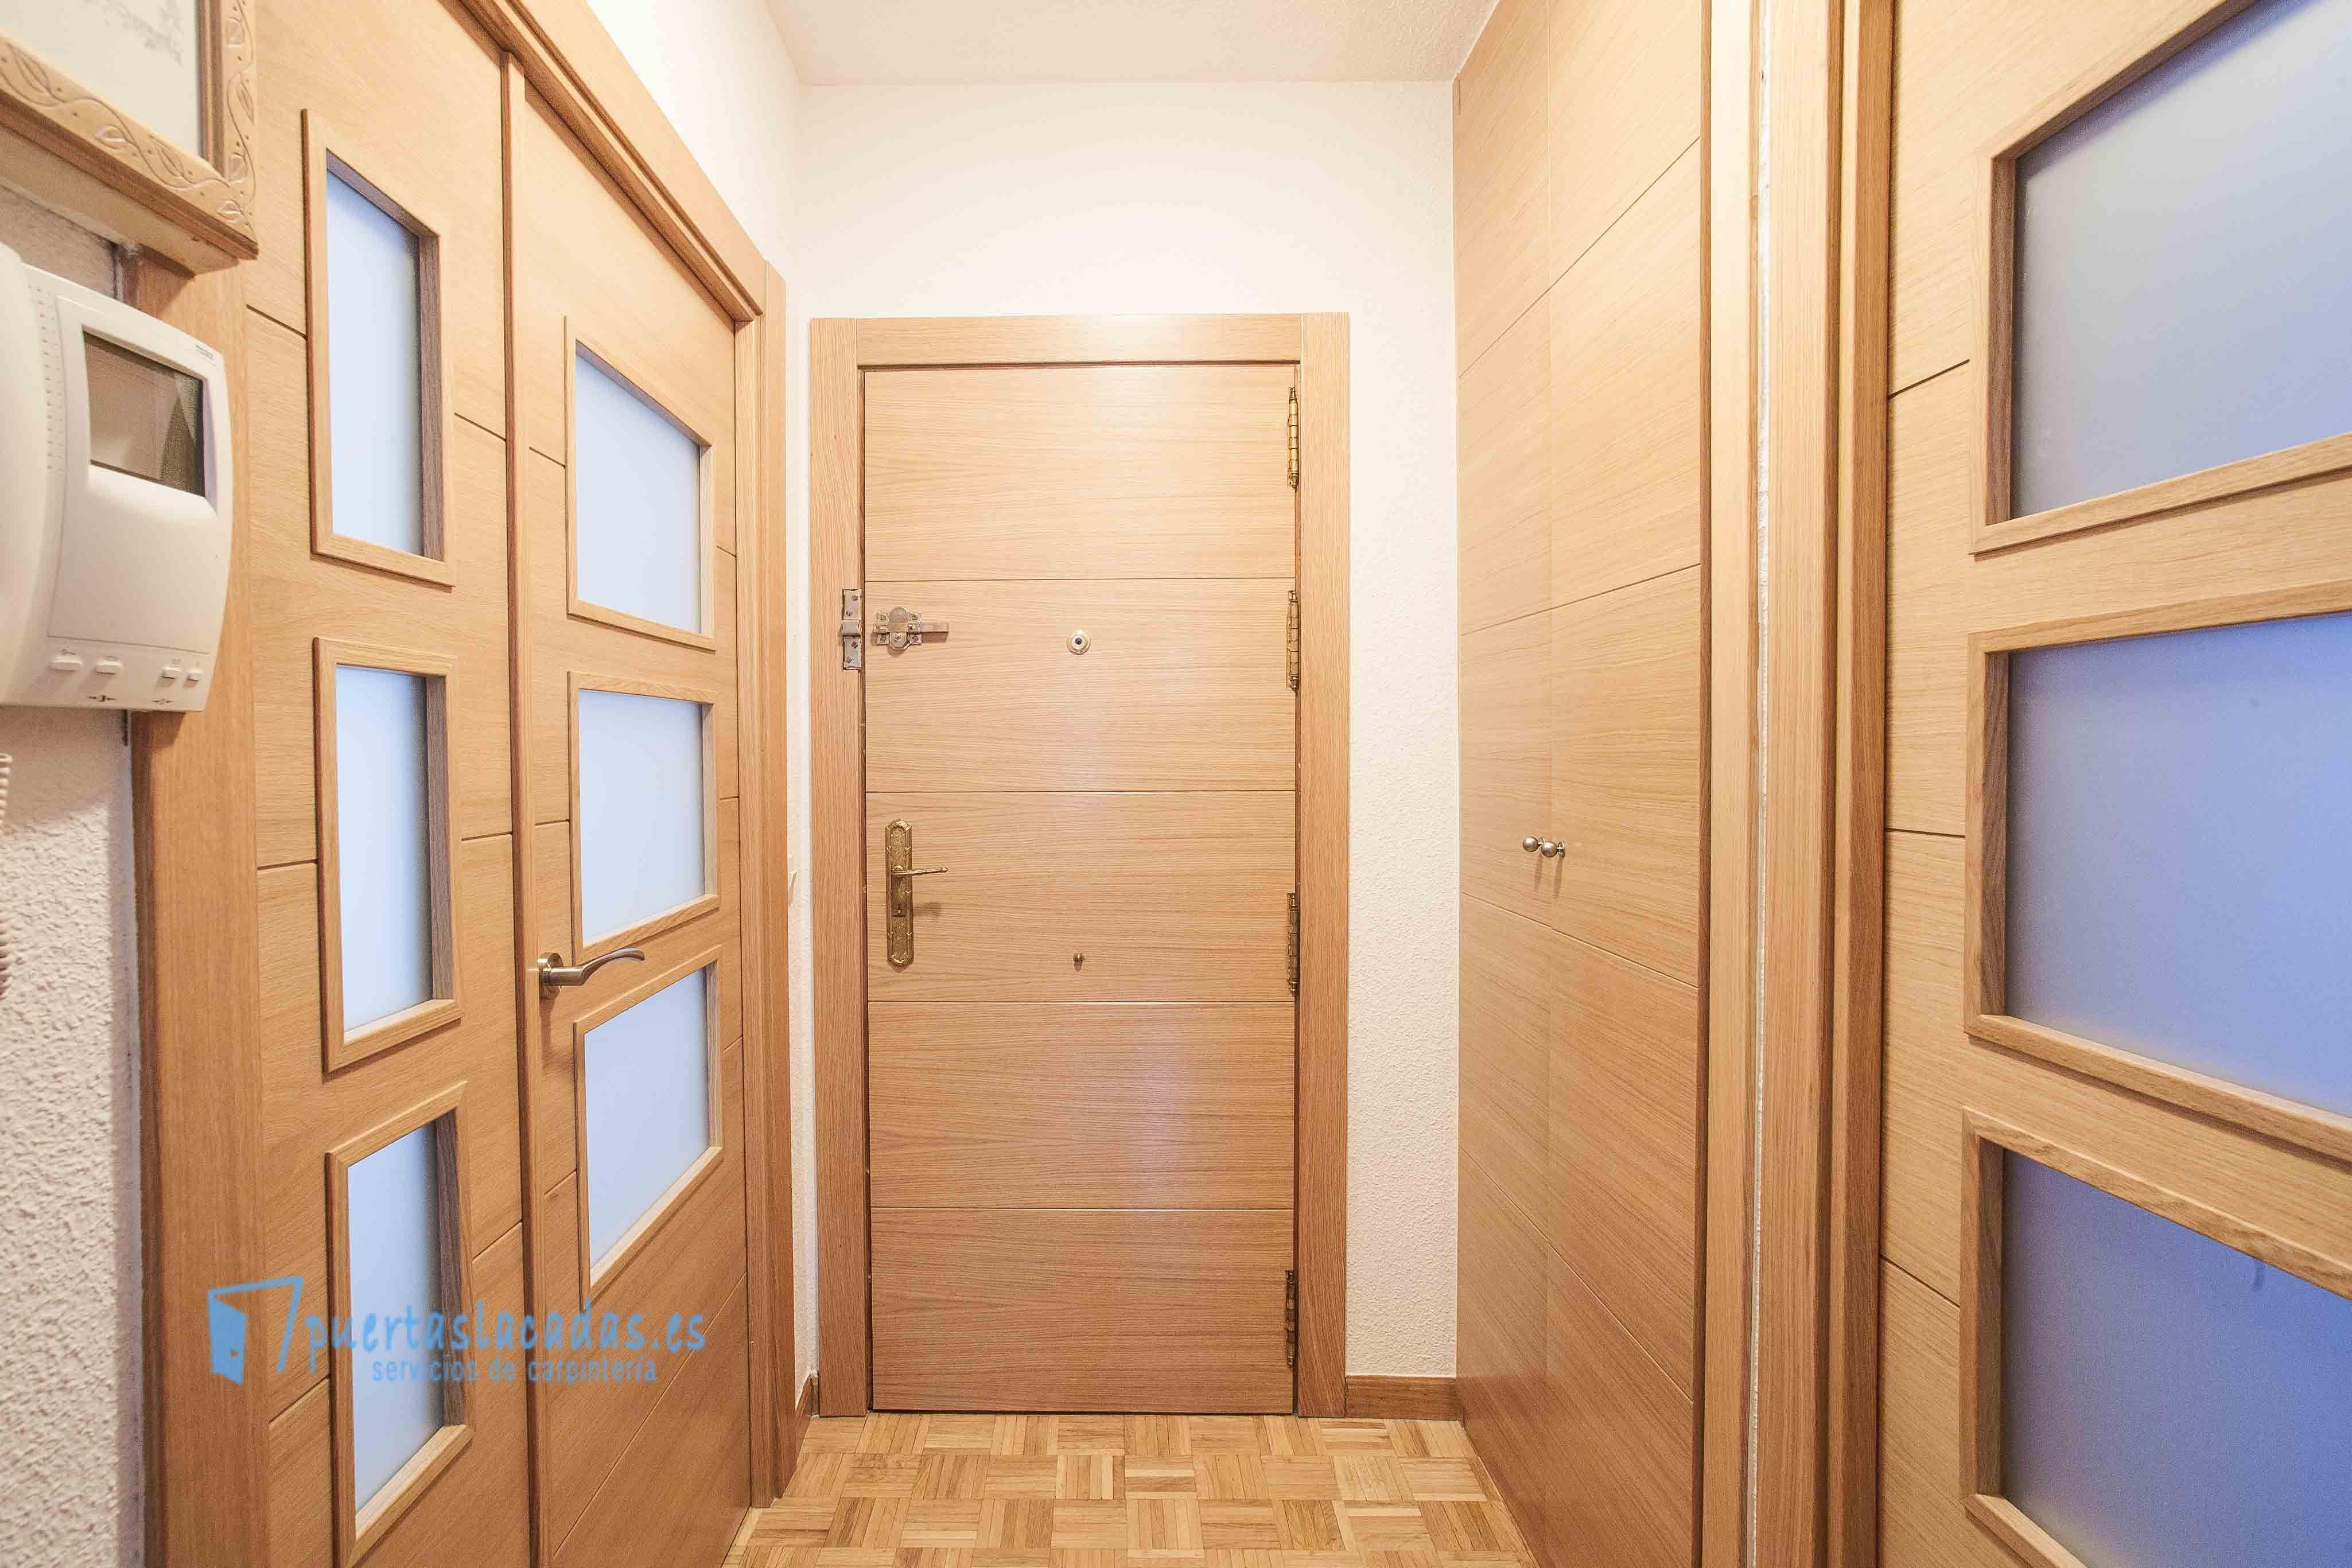 Reforma con puertas en madera de roble barnizado y pantografiadas ...